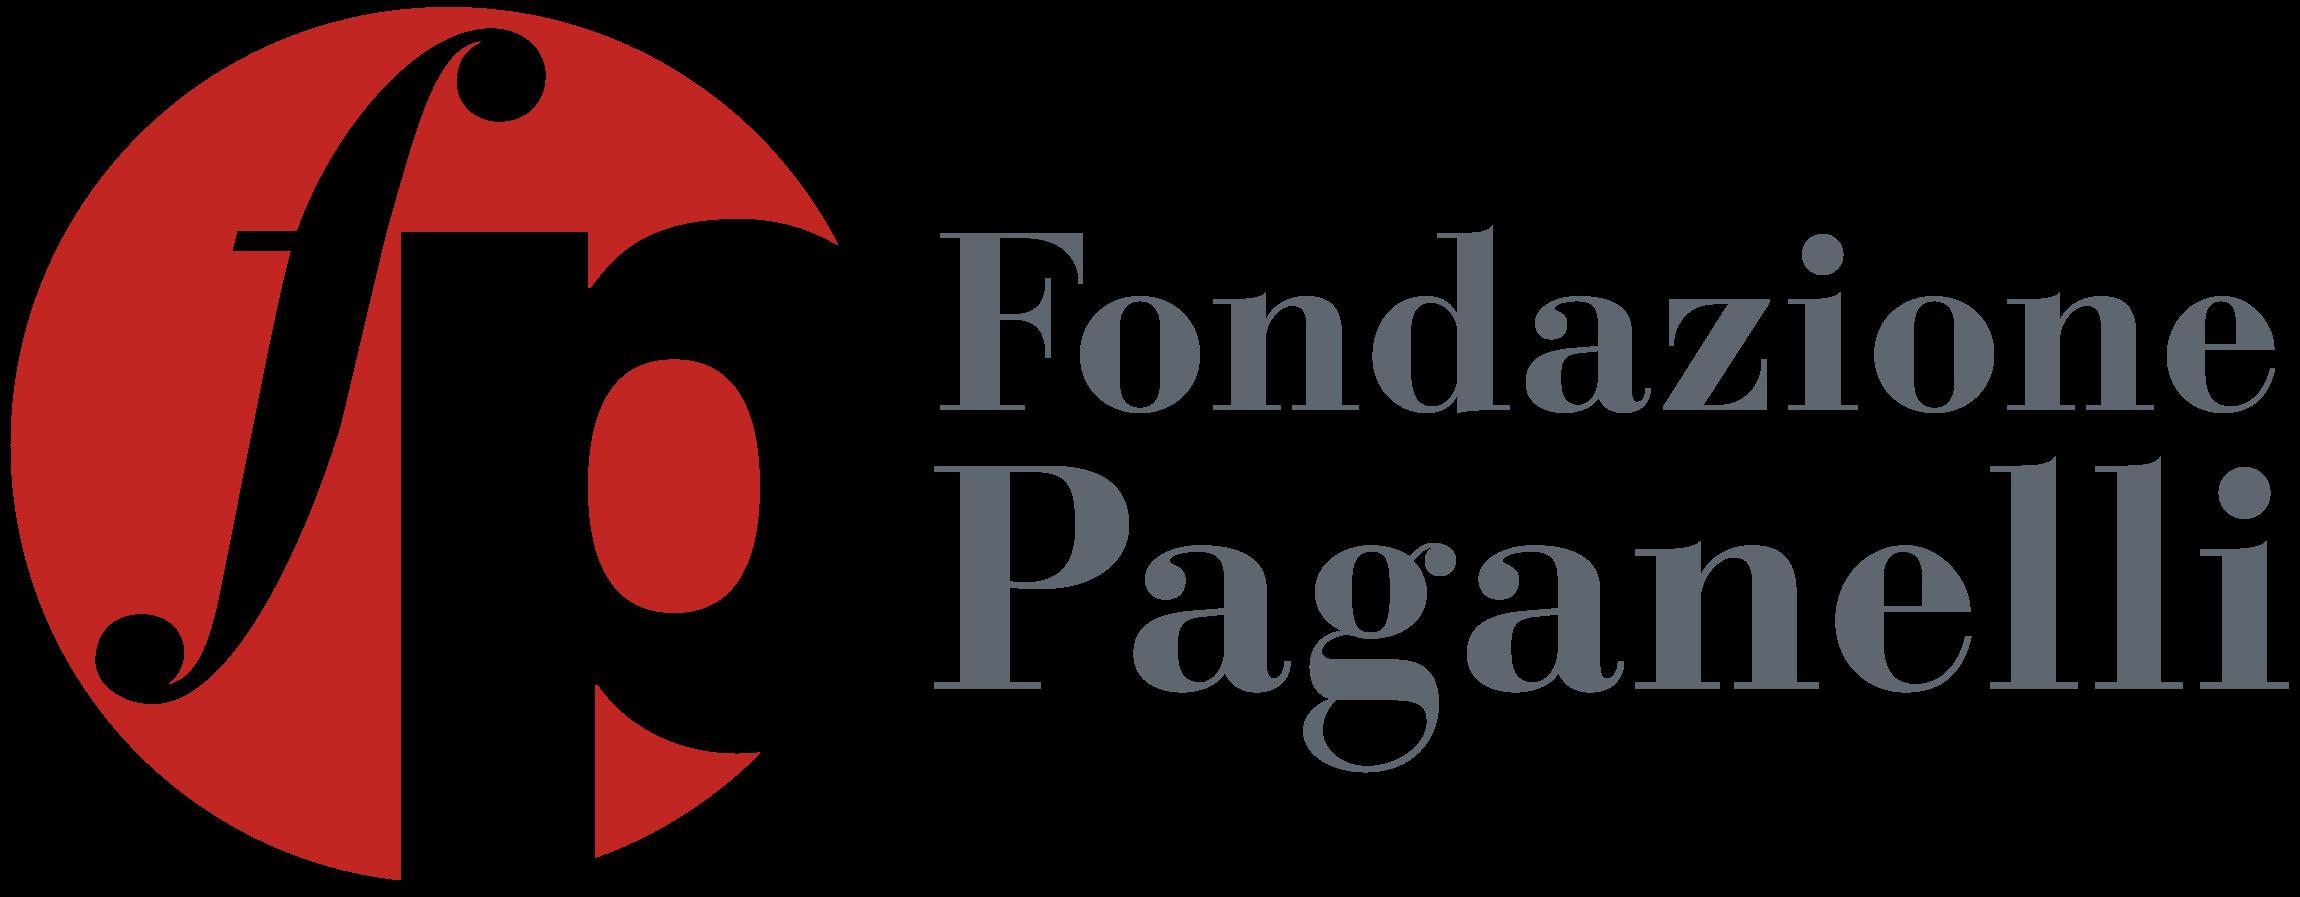 FONDAZIONE PAGANELLI